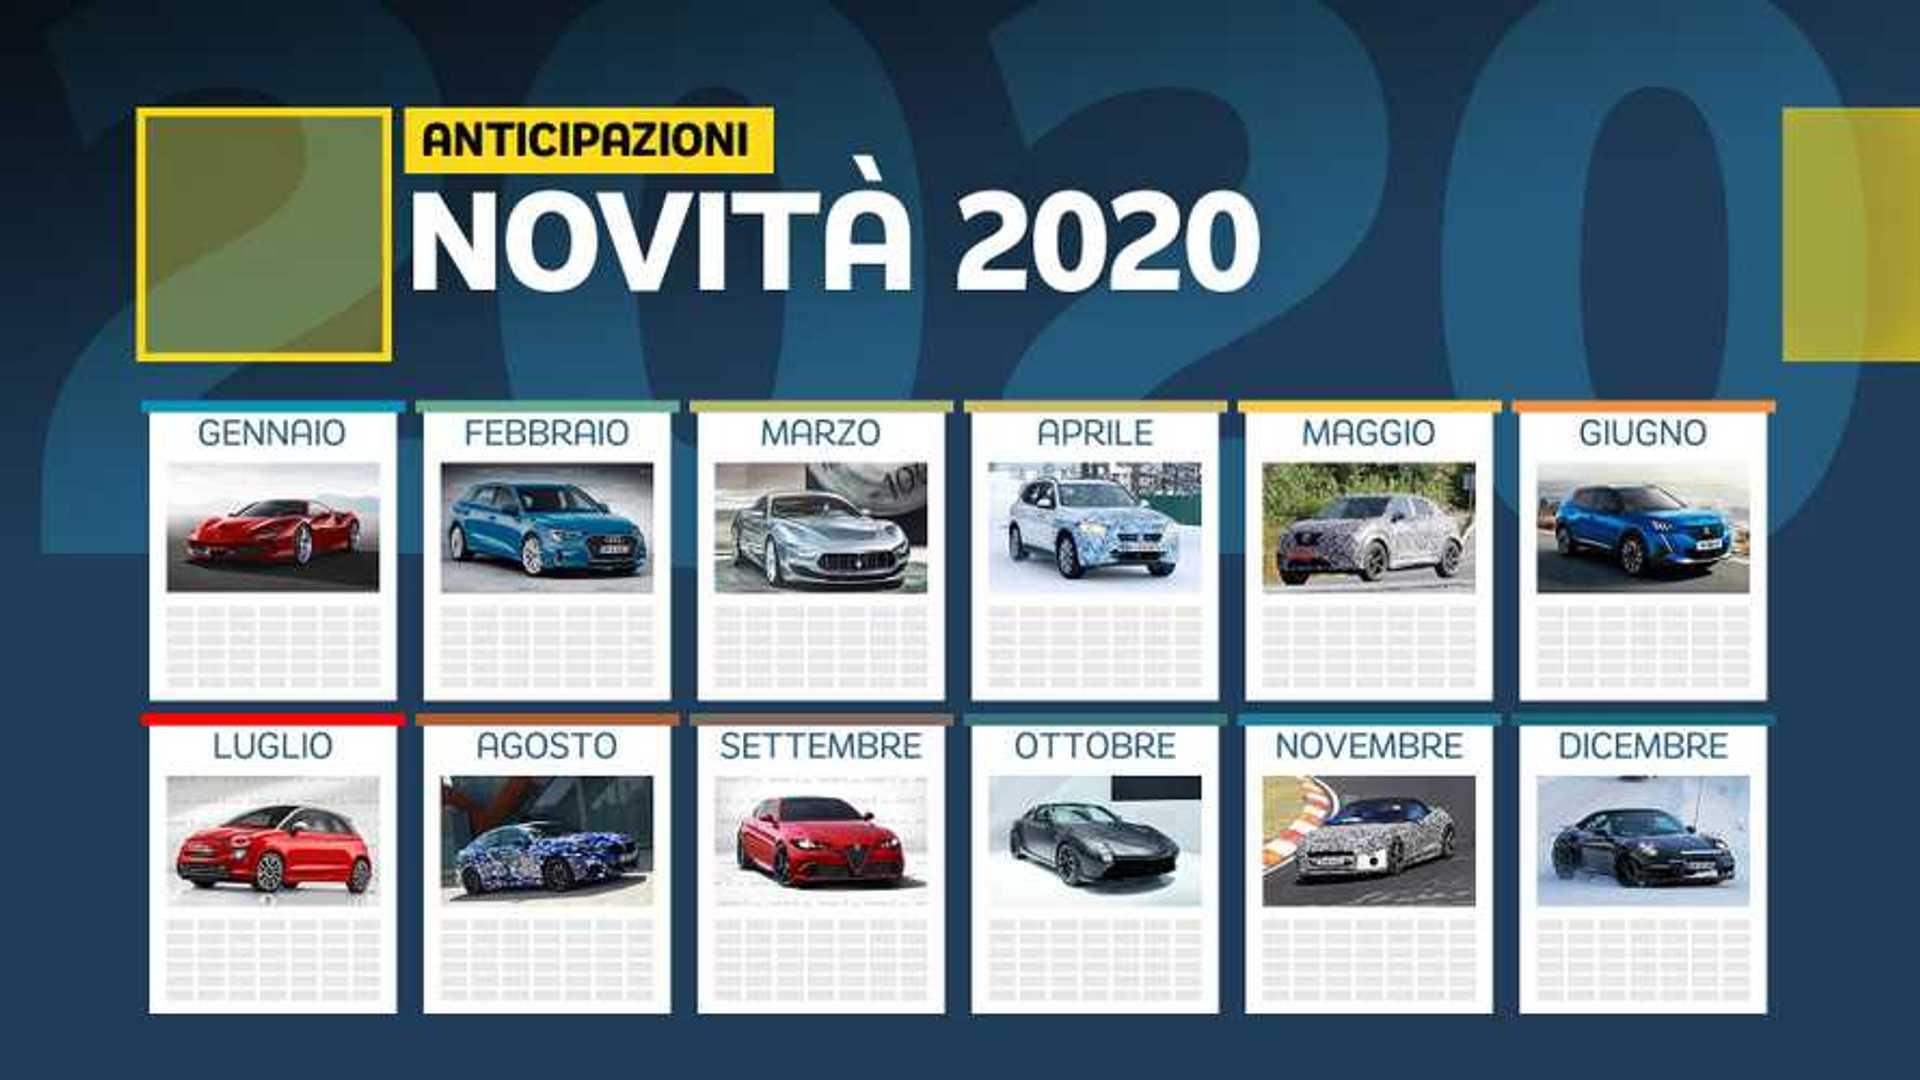 Calendario Mese Di Maggio 2020.Novita Auto 2020 Il Calendario Di Tutti I Modelli In Arrivo